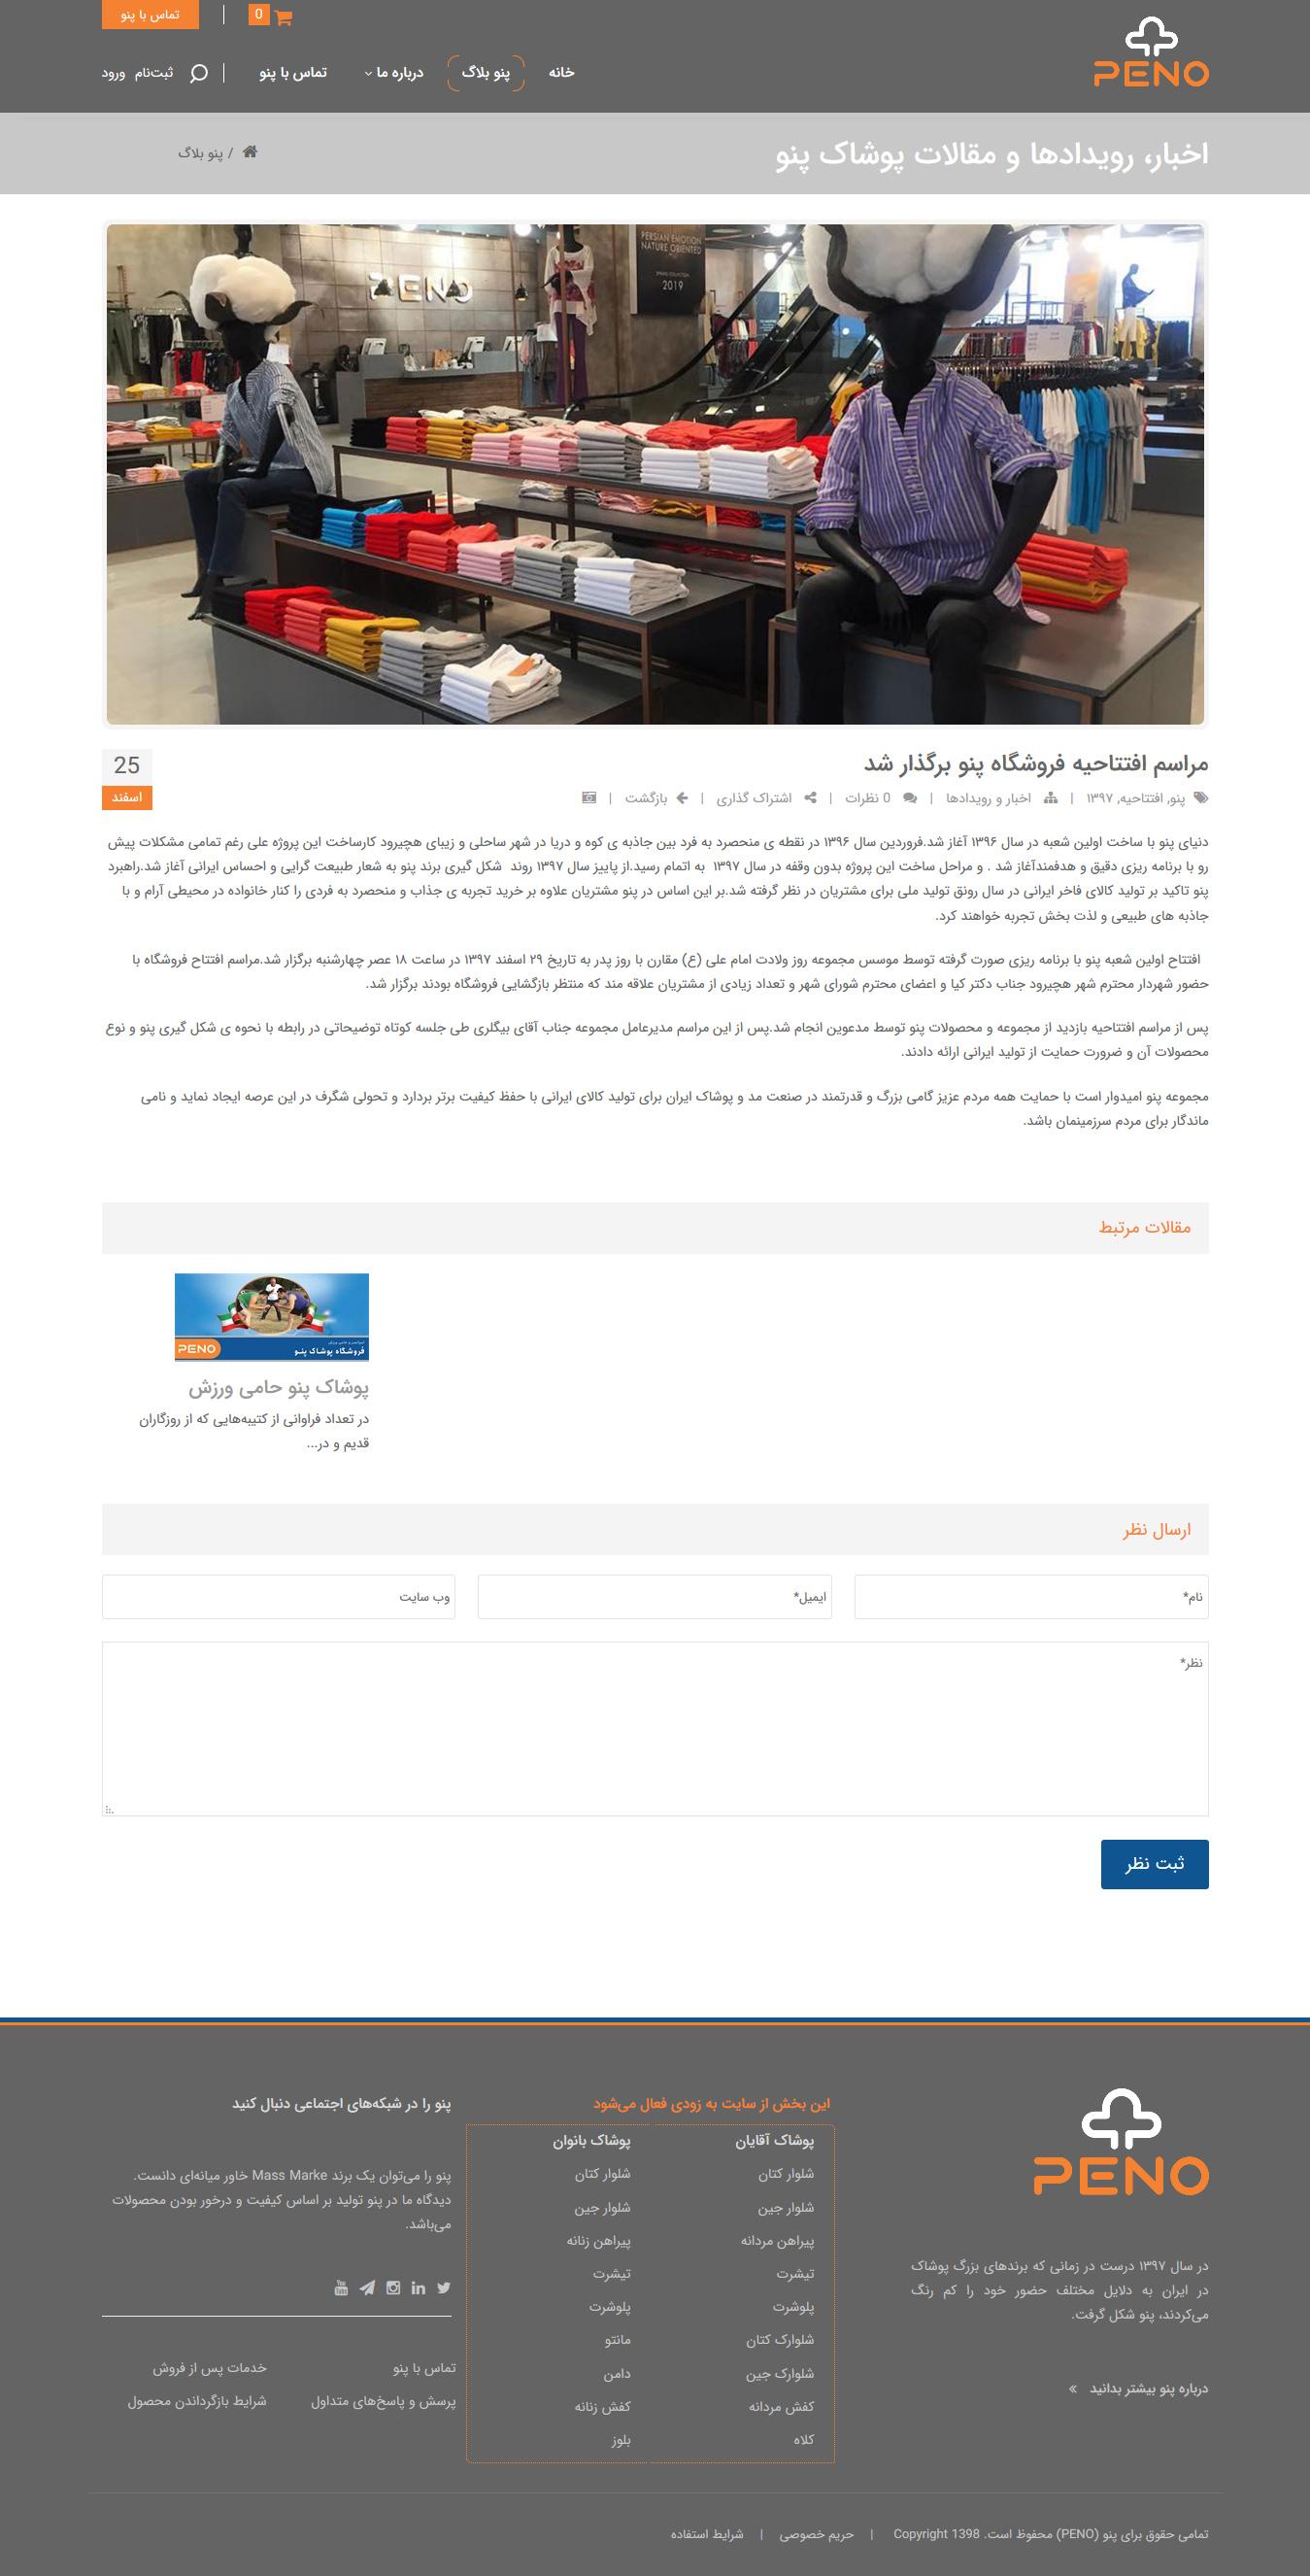 تصویری از صفحه شرح خبر فروشگاه پوشاک پنو